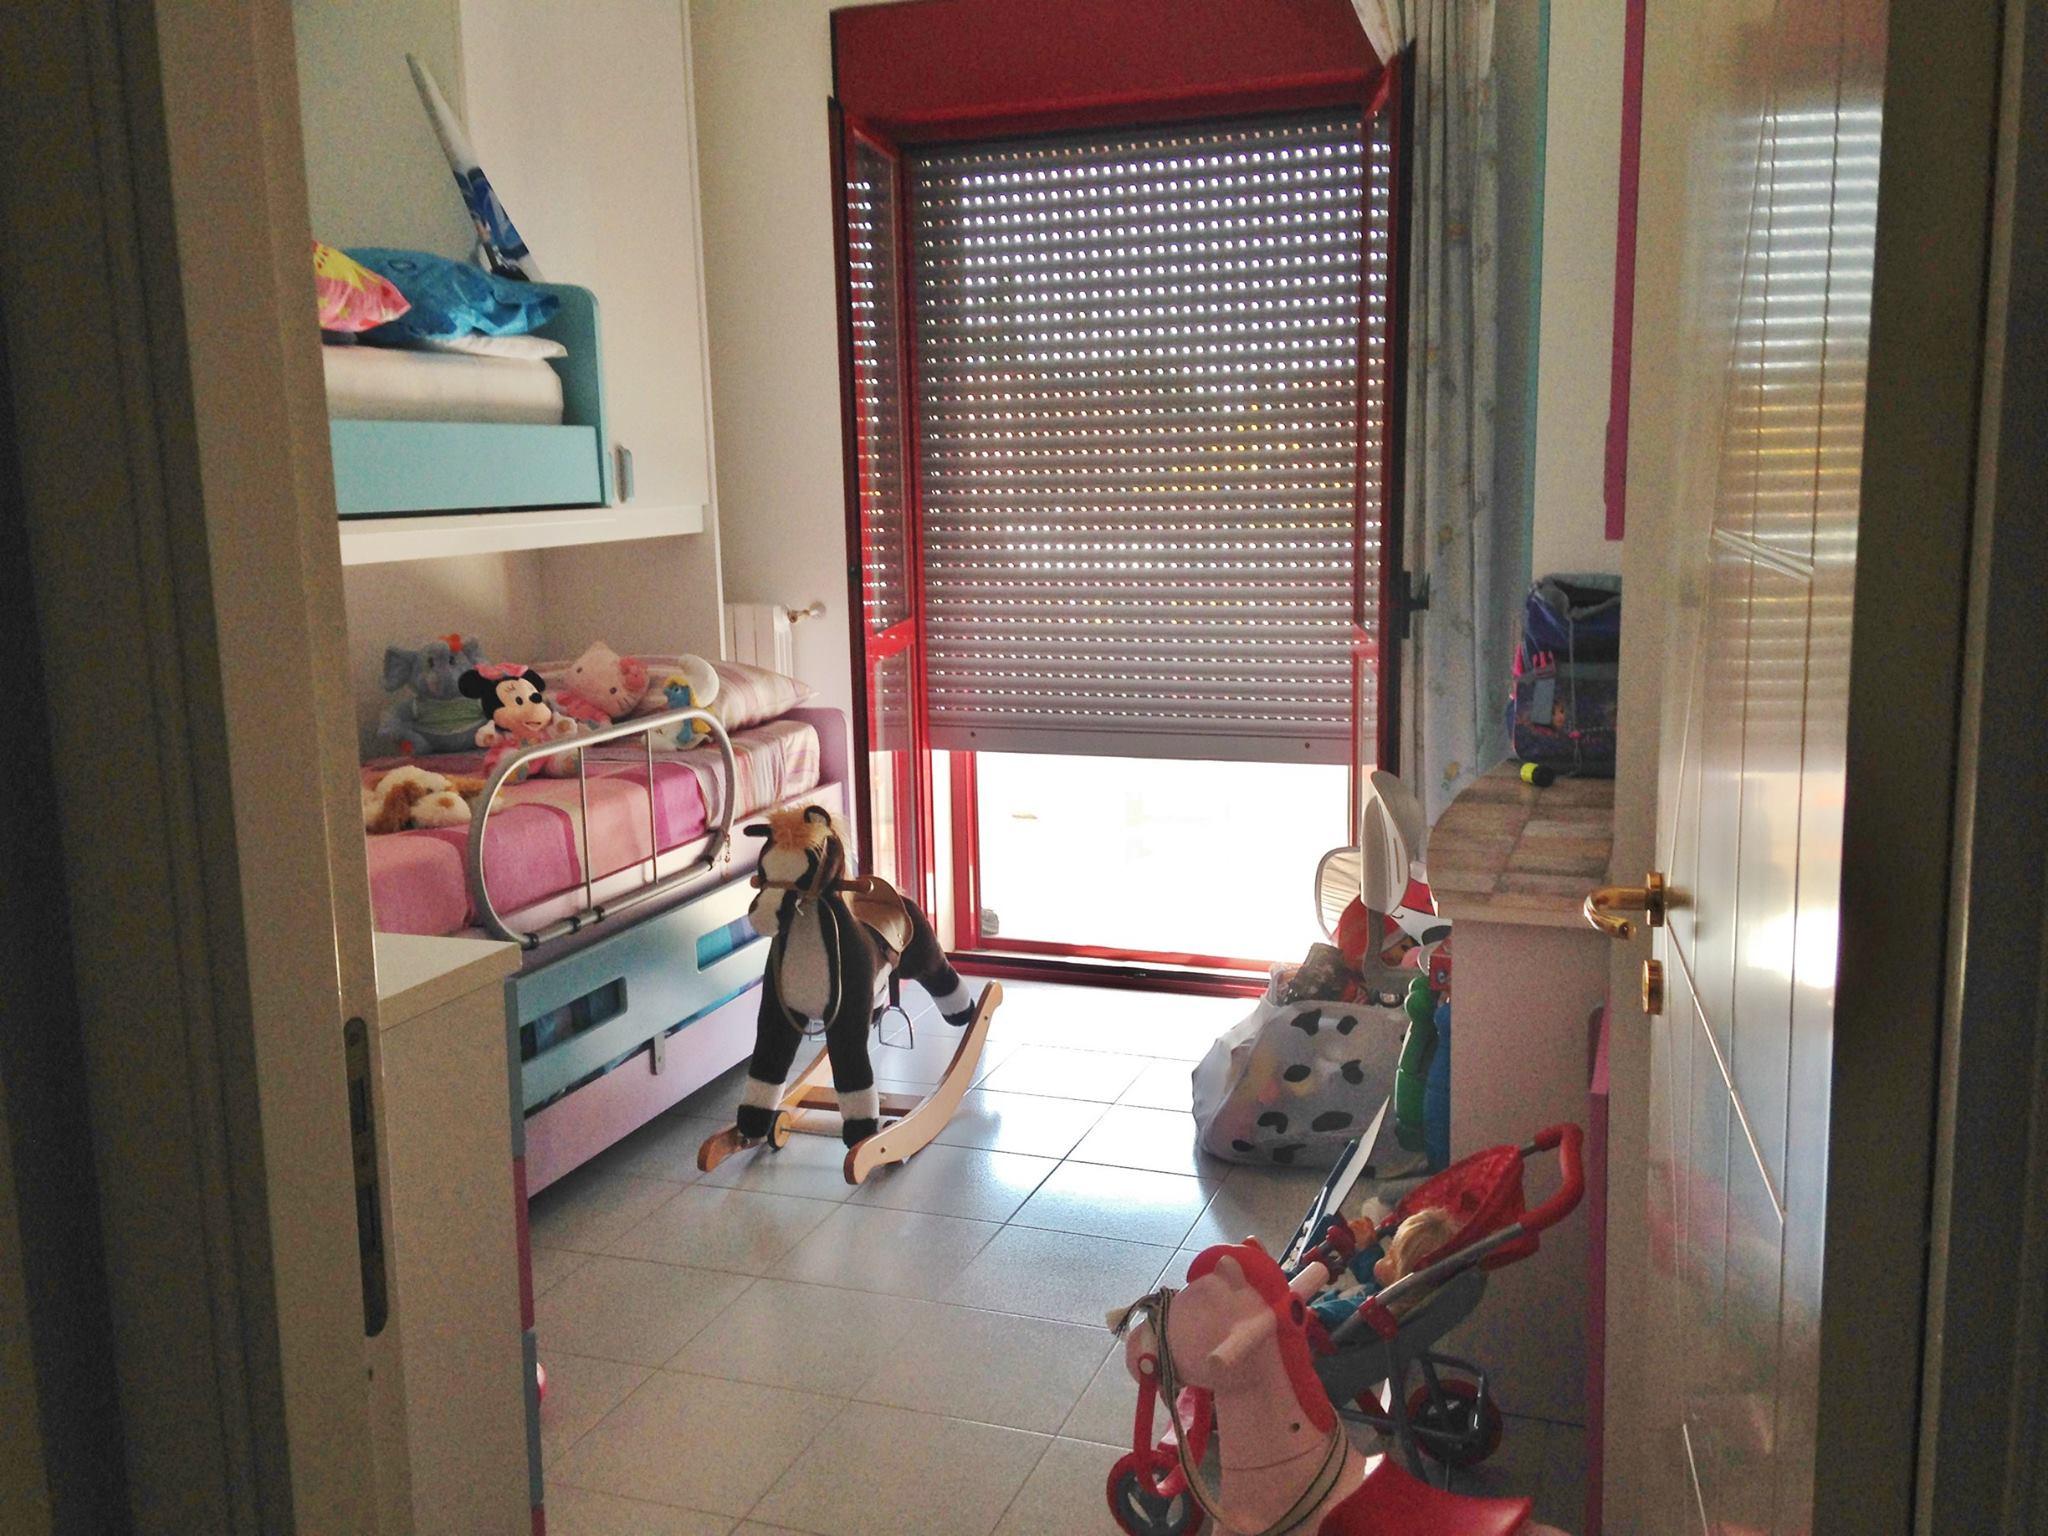 Vendesi appartamento 93 mq con garage 19mq san martino in for Vendesi appartamento